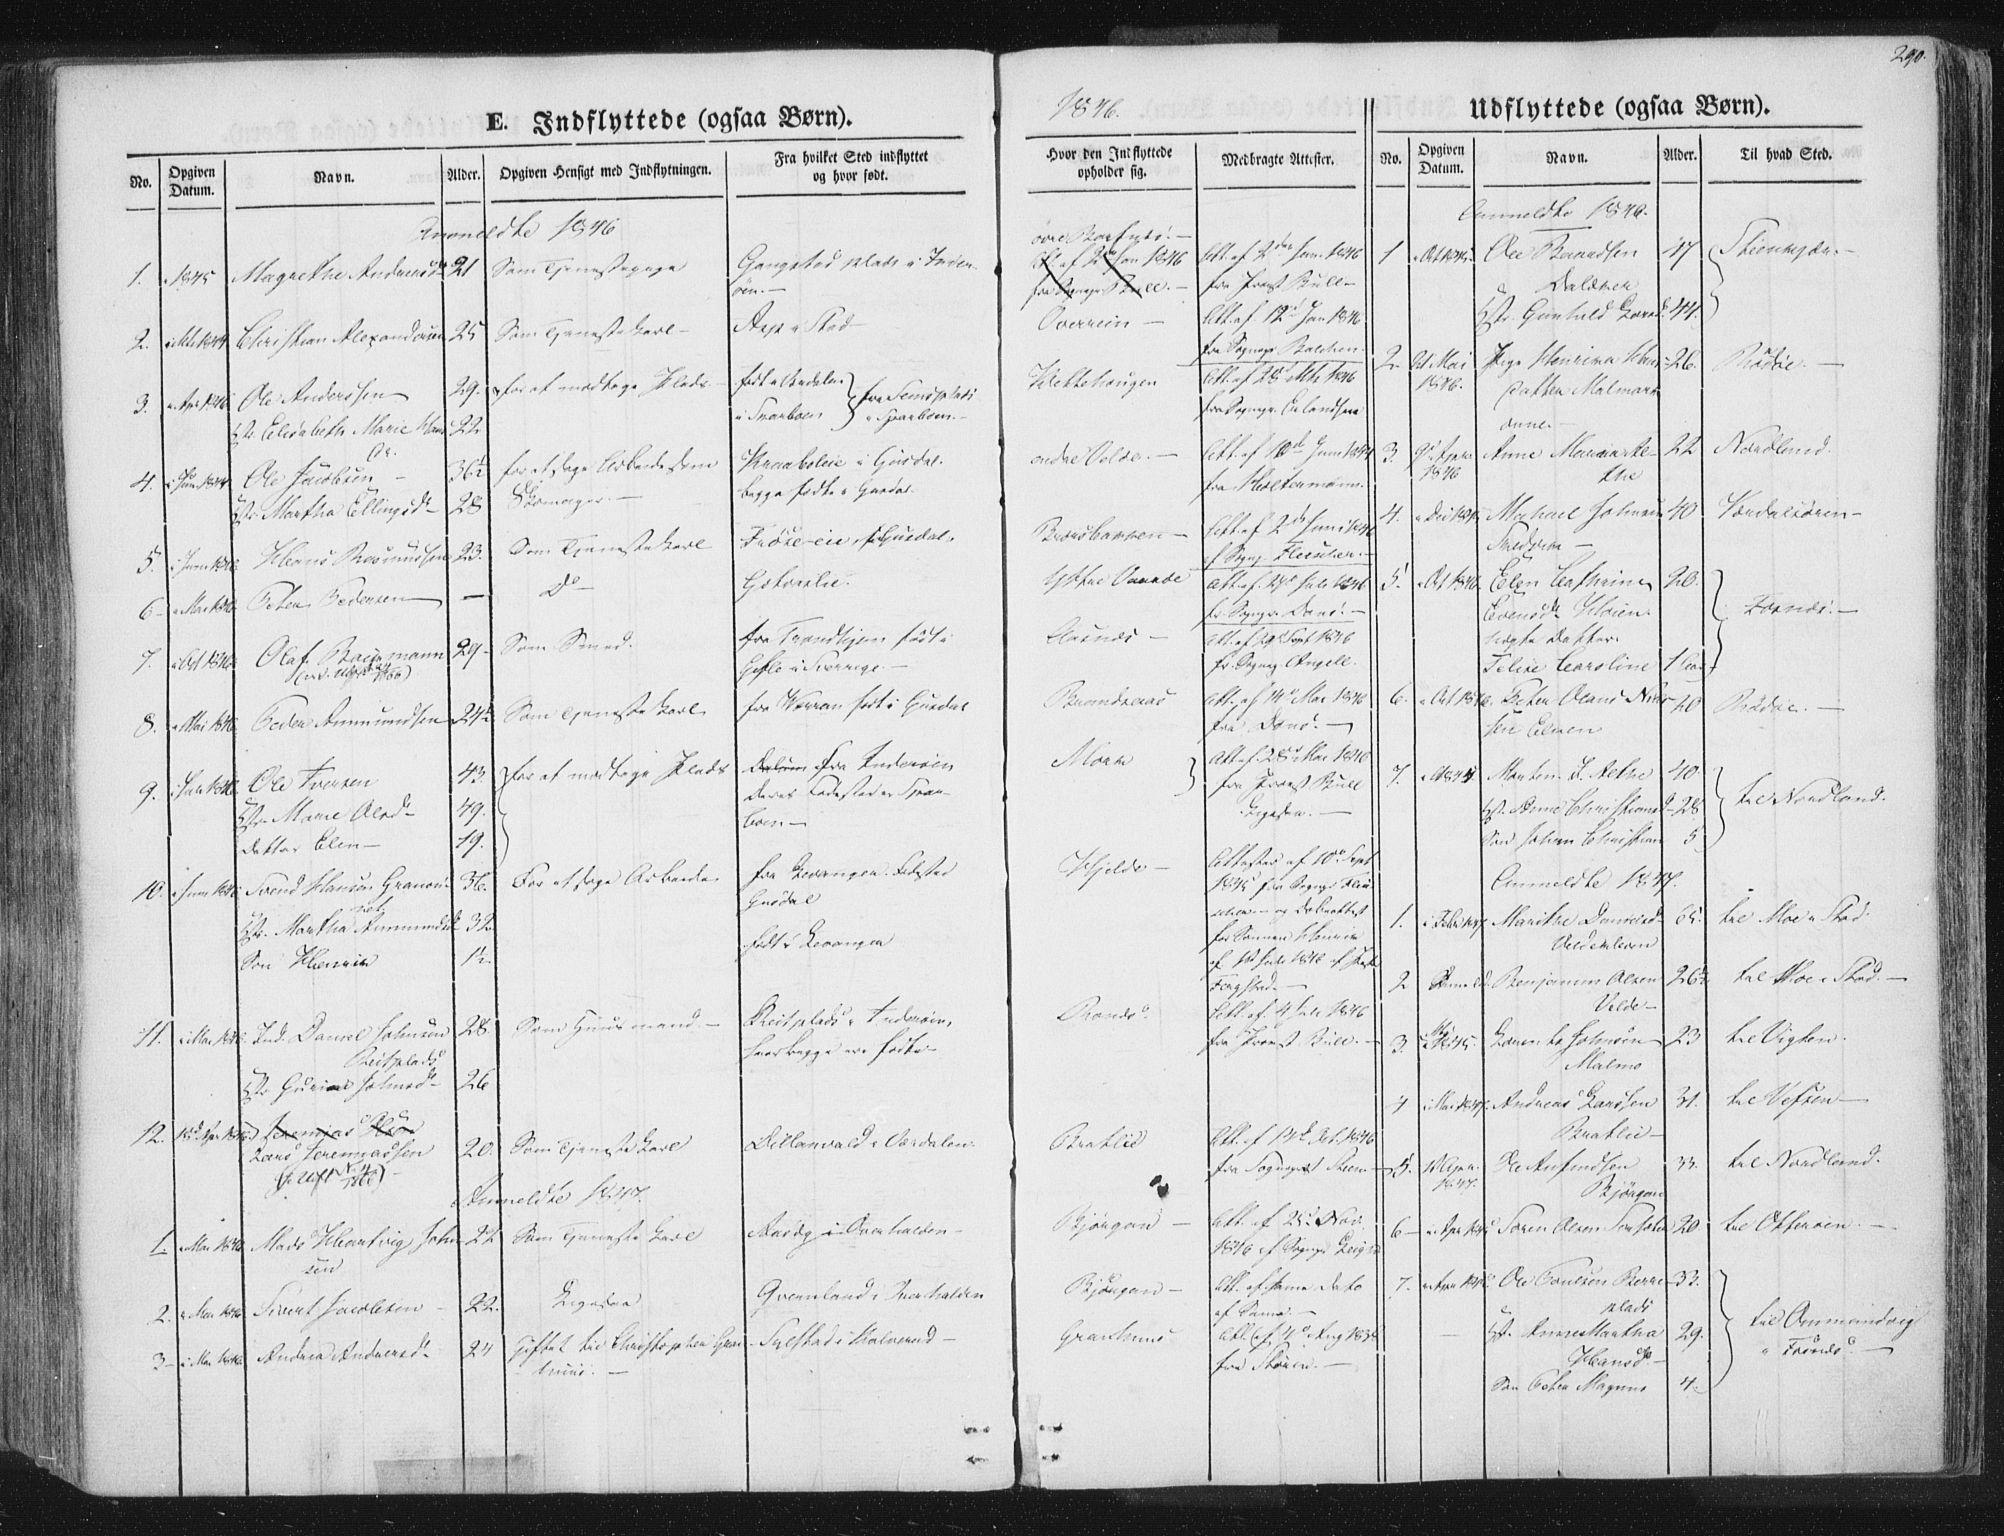 SAT, Ministerialprotokoller, klokkerbøker og fødselsregistre - Nord-Trøndelag, 741/L0392: Ministerialbok nr. 741A06, 1836-1848, s. 290